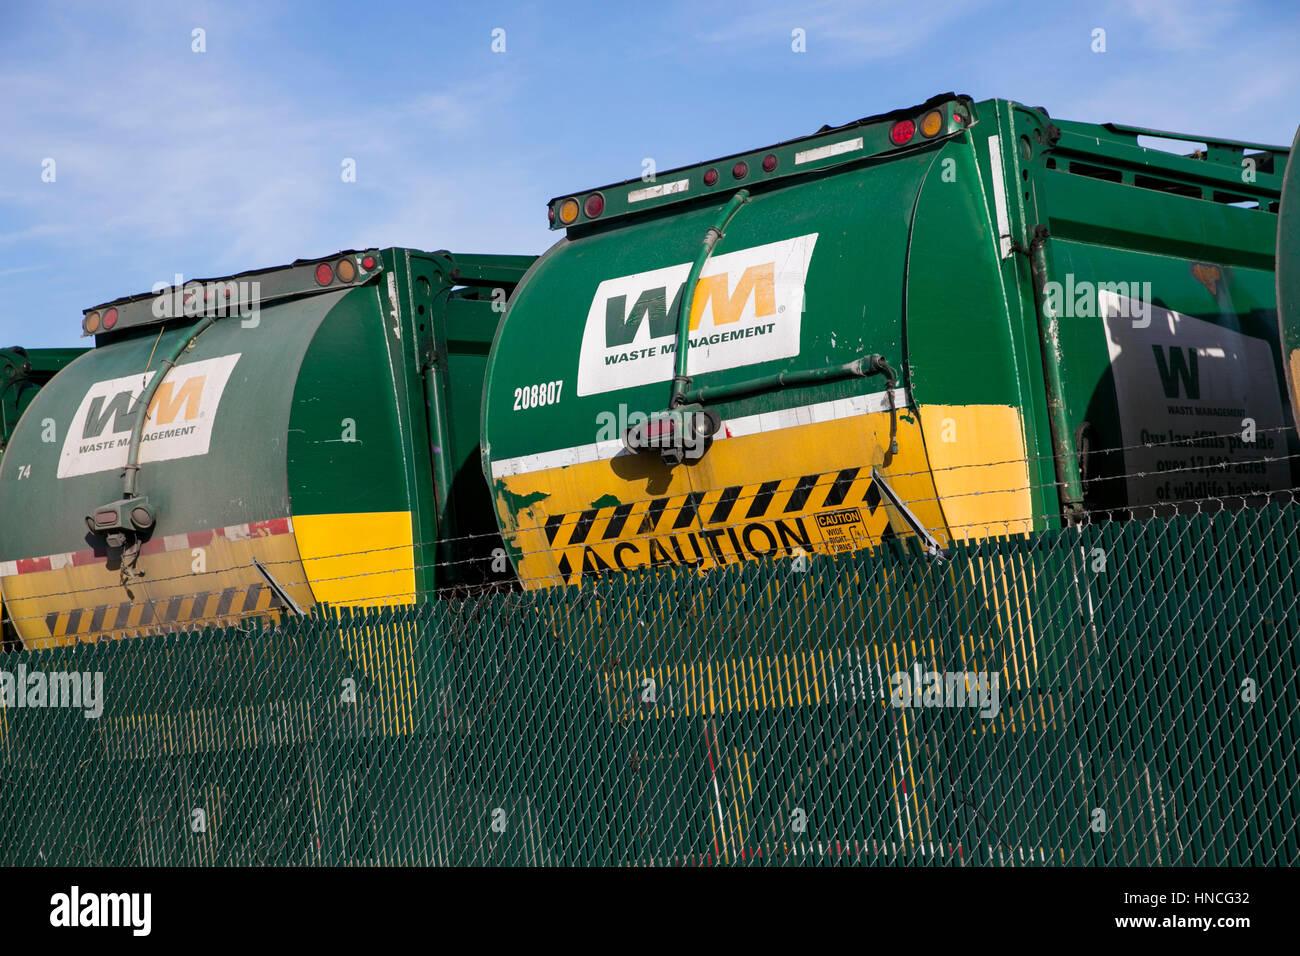 Logo indicazioni sulla gestione dei rifiuti, Inc., autocarri in San Antonio, Texas, il 29 gennaio 2017. Immagini Stock